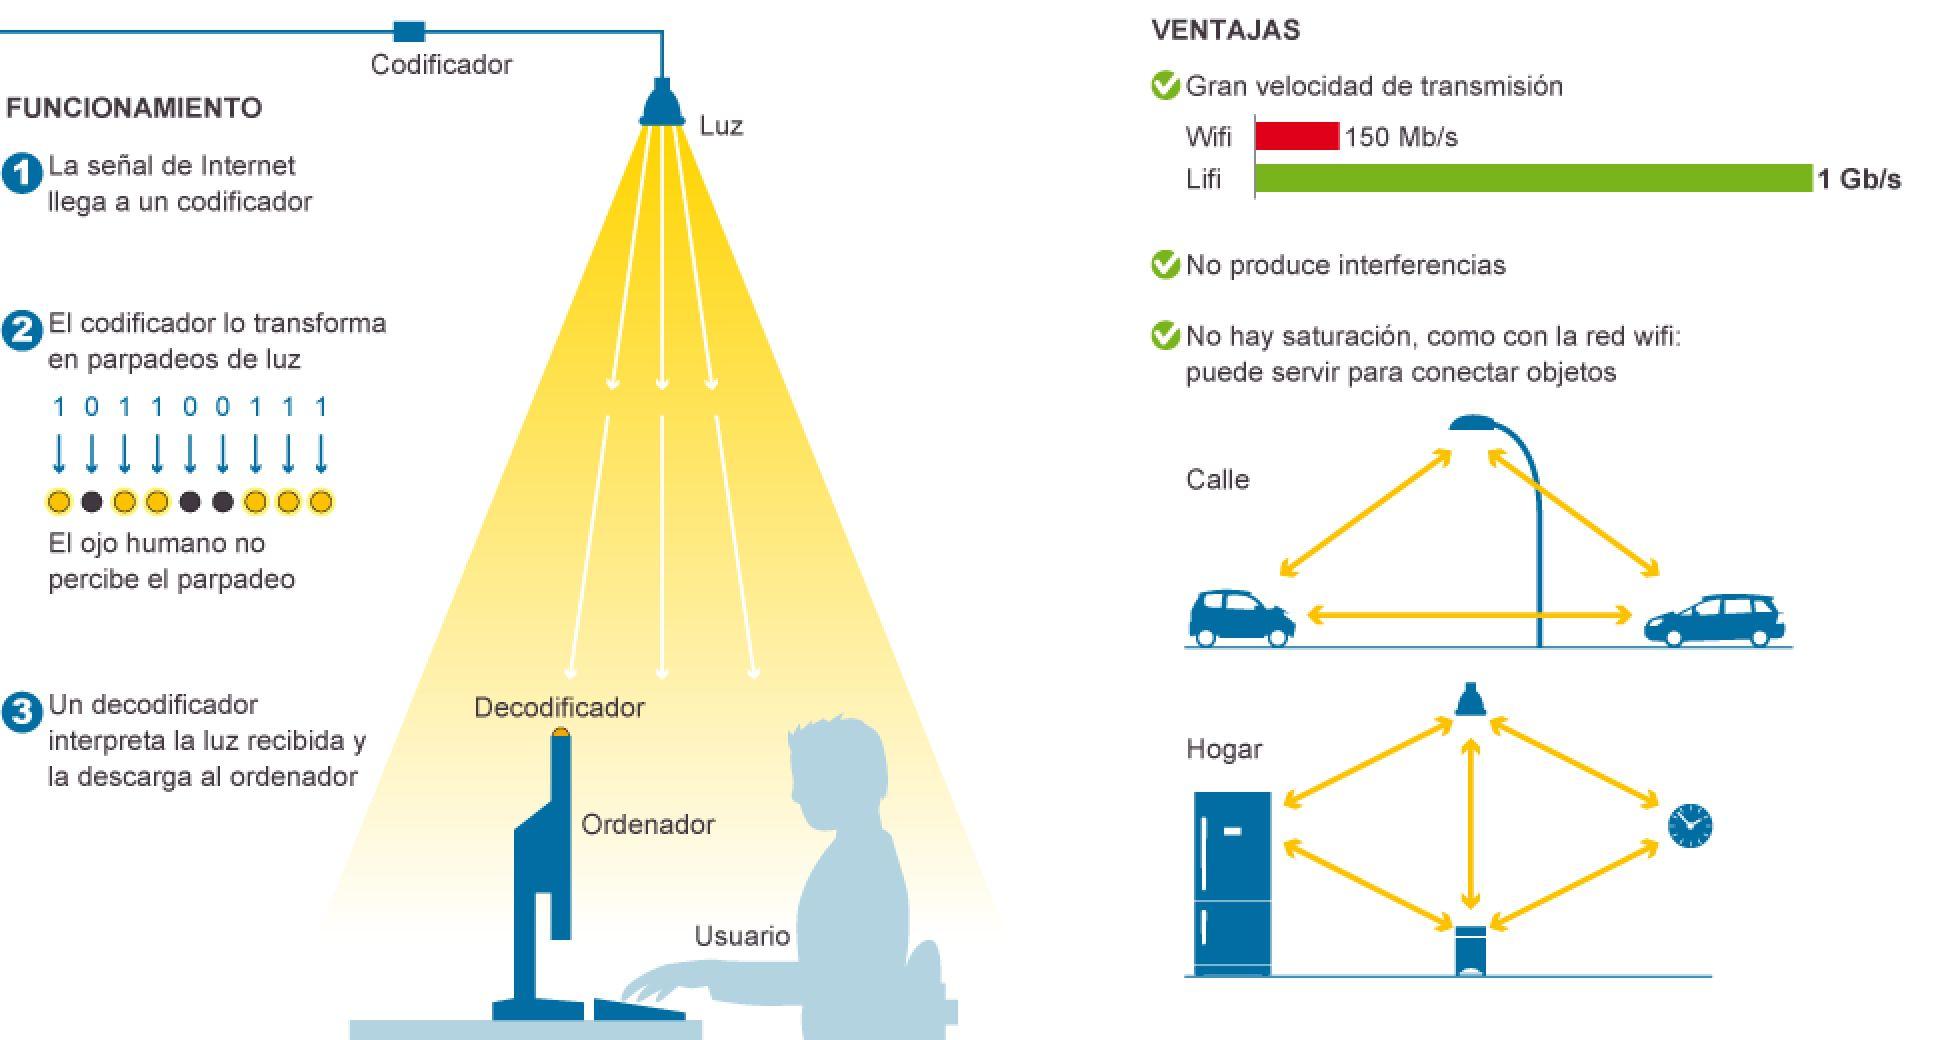 LiFi: La conexión 100 veces más rápida que el WiFi